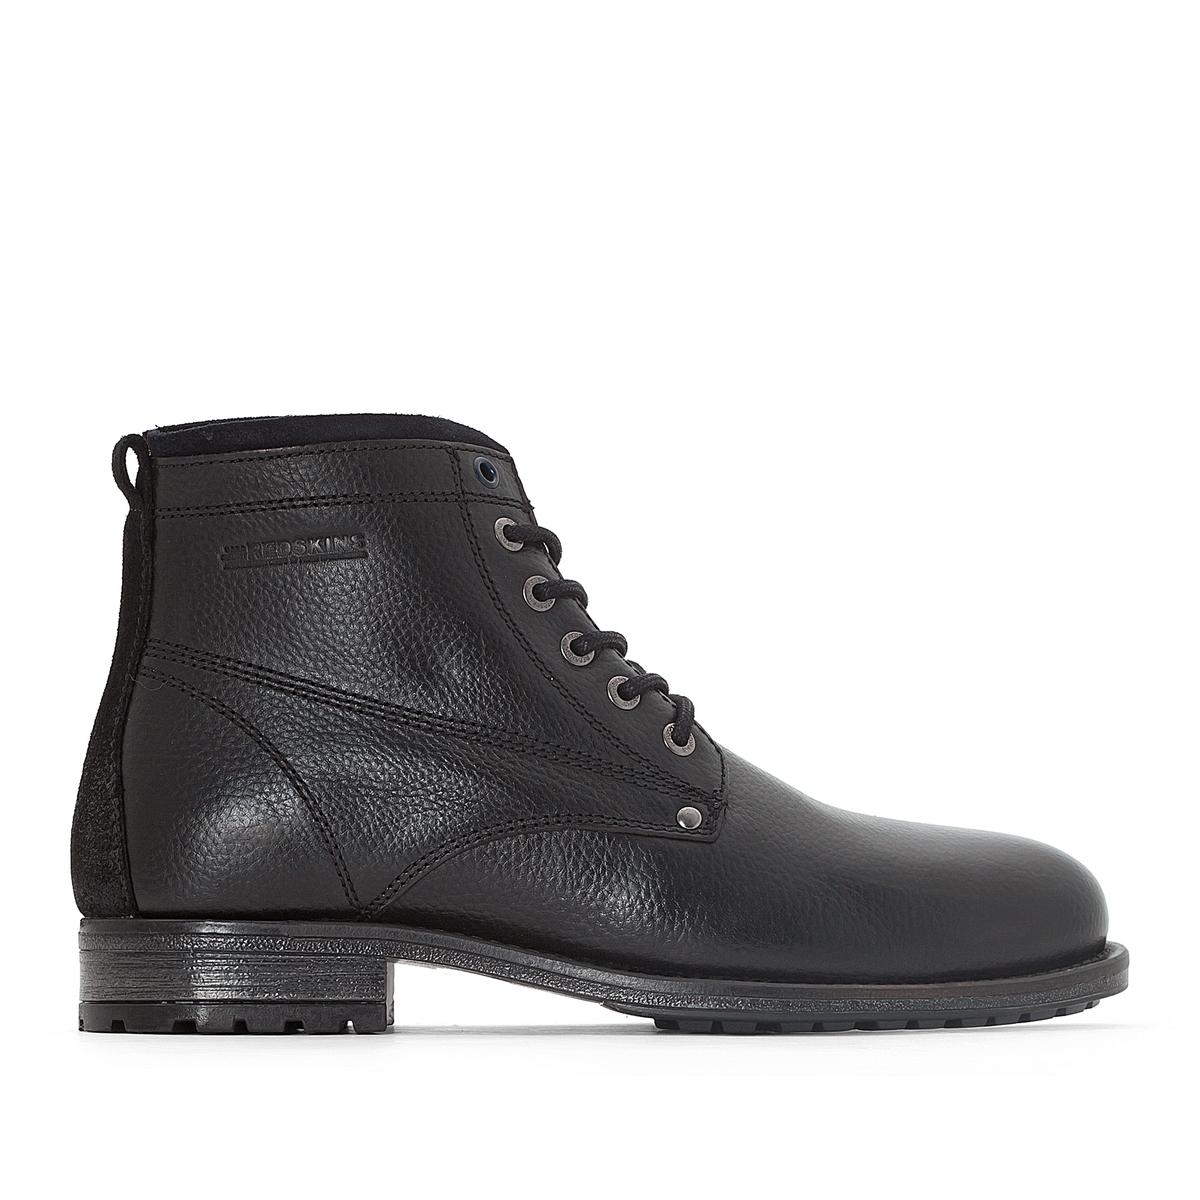 Ботильоны кожаные FAROUCHEОписание:Детали  •  Высота каблука : 2 см.  •  Застежка : на молнию •  Круглый мысок •  Гладкая отделкаСостав и уход  •  Верх 100% кожа •  Подкладка 50% кожи, 50% текстиля •  Стелька 100% кожа<br><br>Цвет: черный + темно-синий